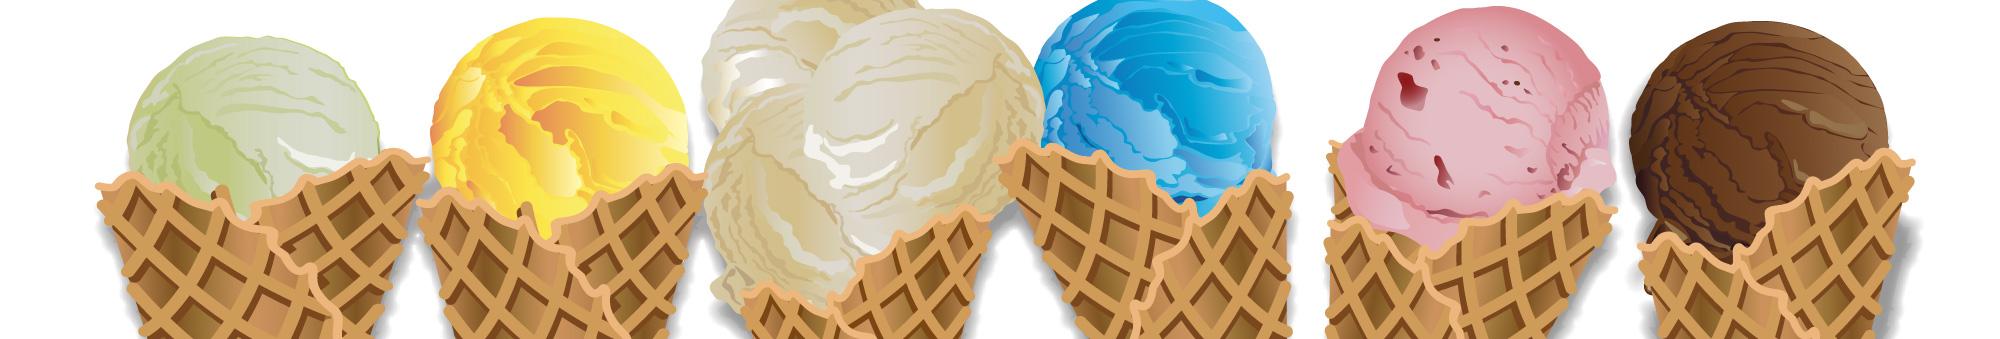 Ice cream cones illustration